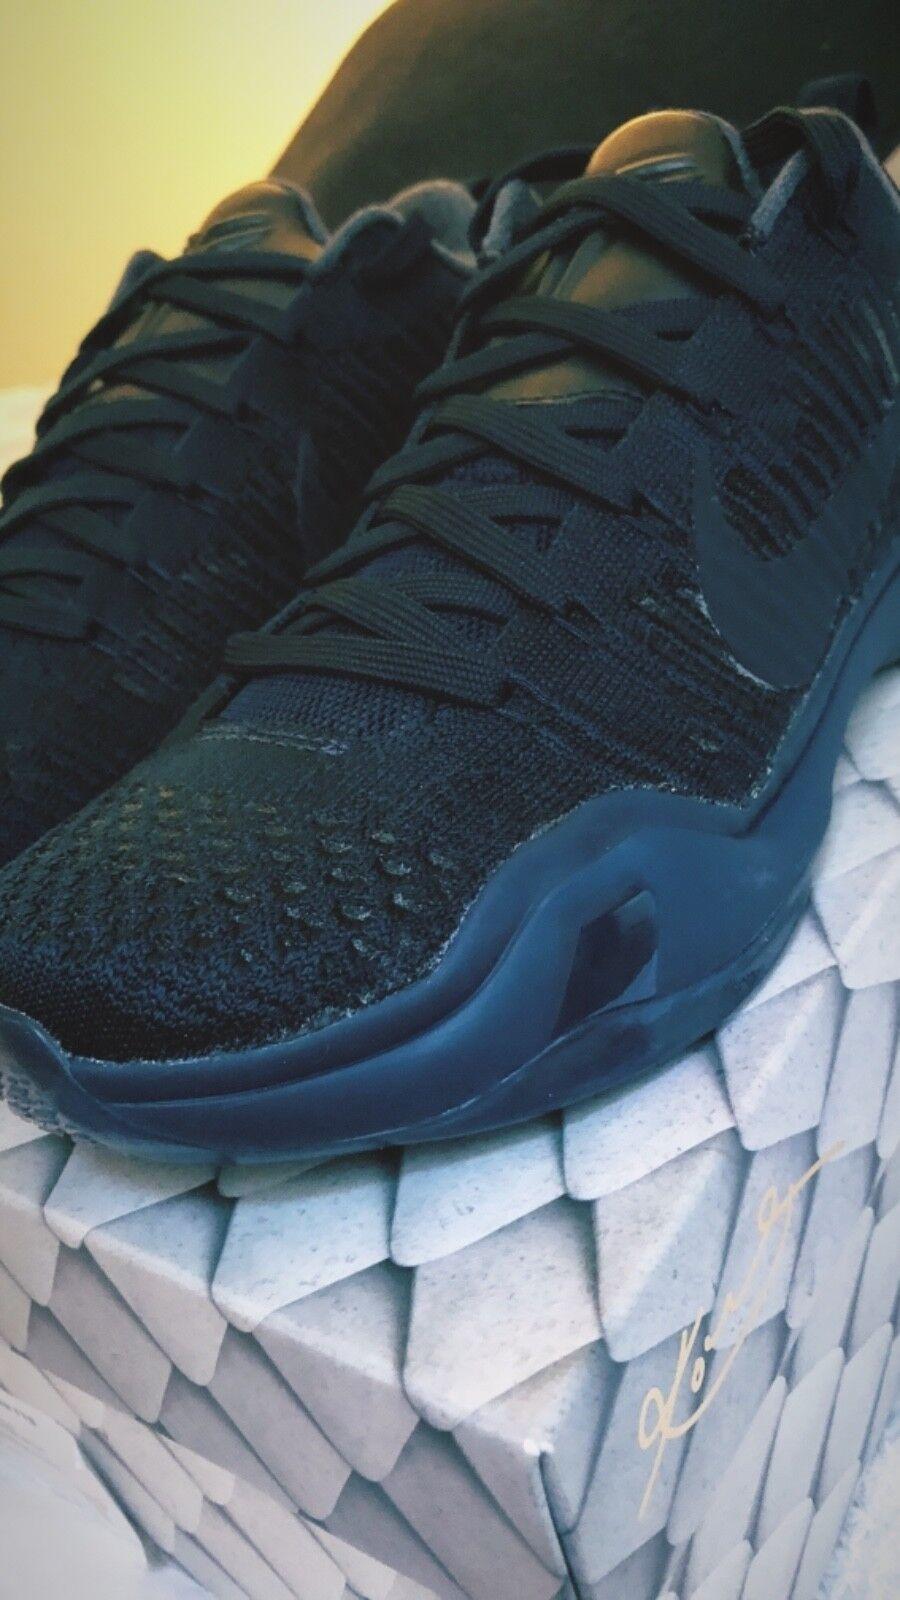 Kobe x elite size 8.5 brand new